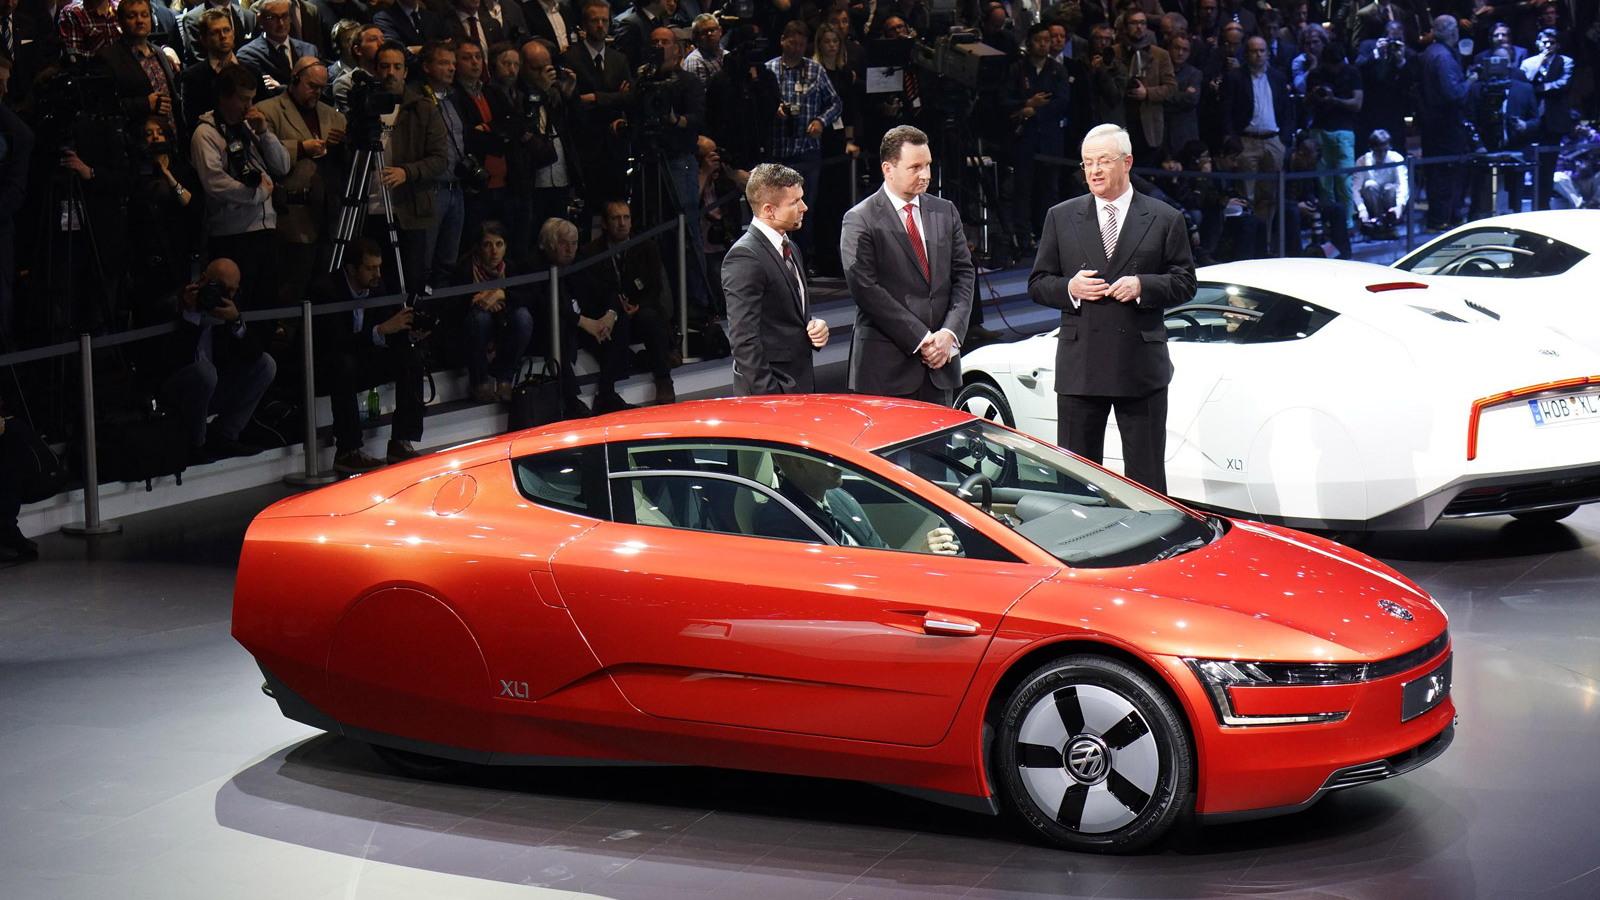 2014 Volkswagen XL1, 2013 Geneva Motor Show